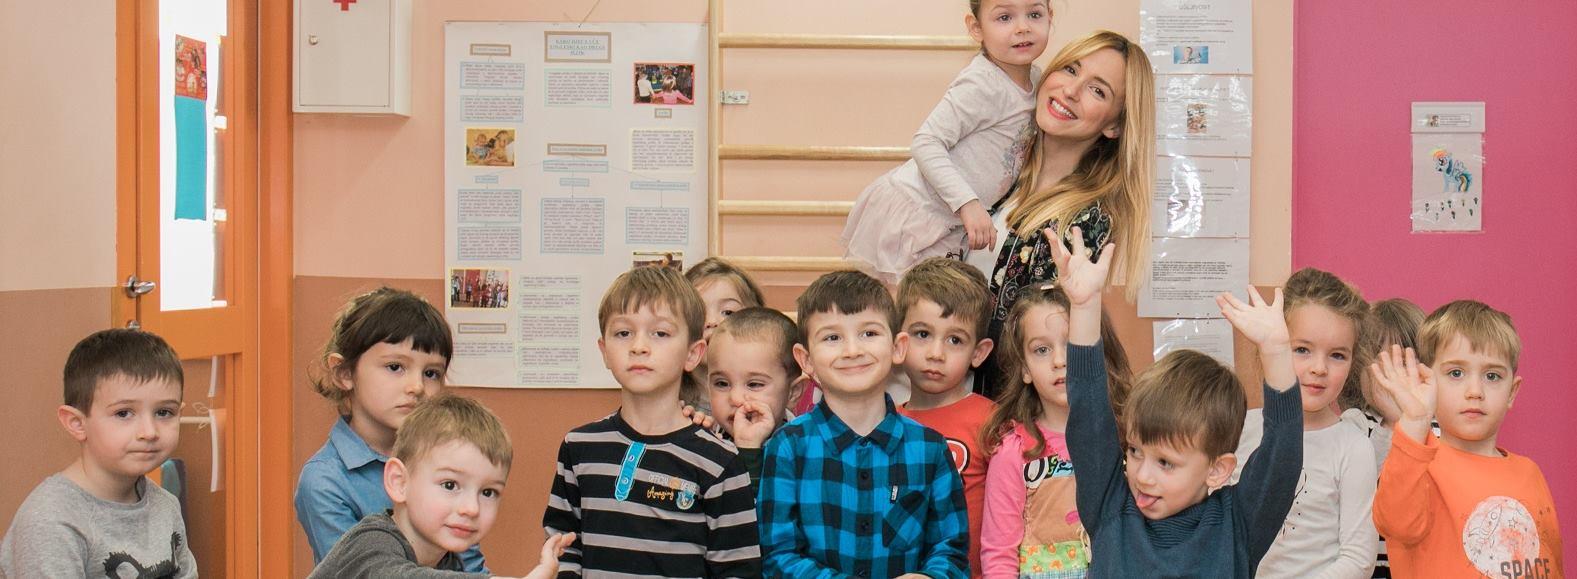 Iva Šulentić podučavala najmlađe o projektu tvrtke Tetra Pak®